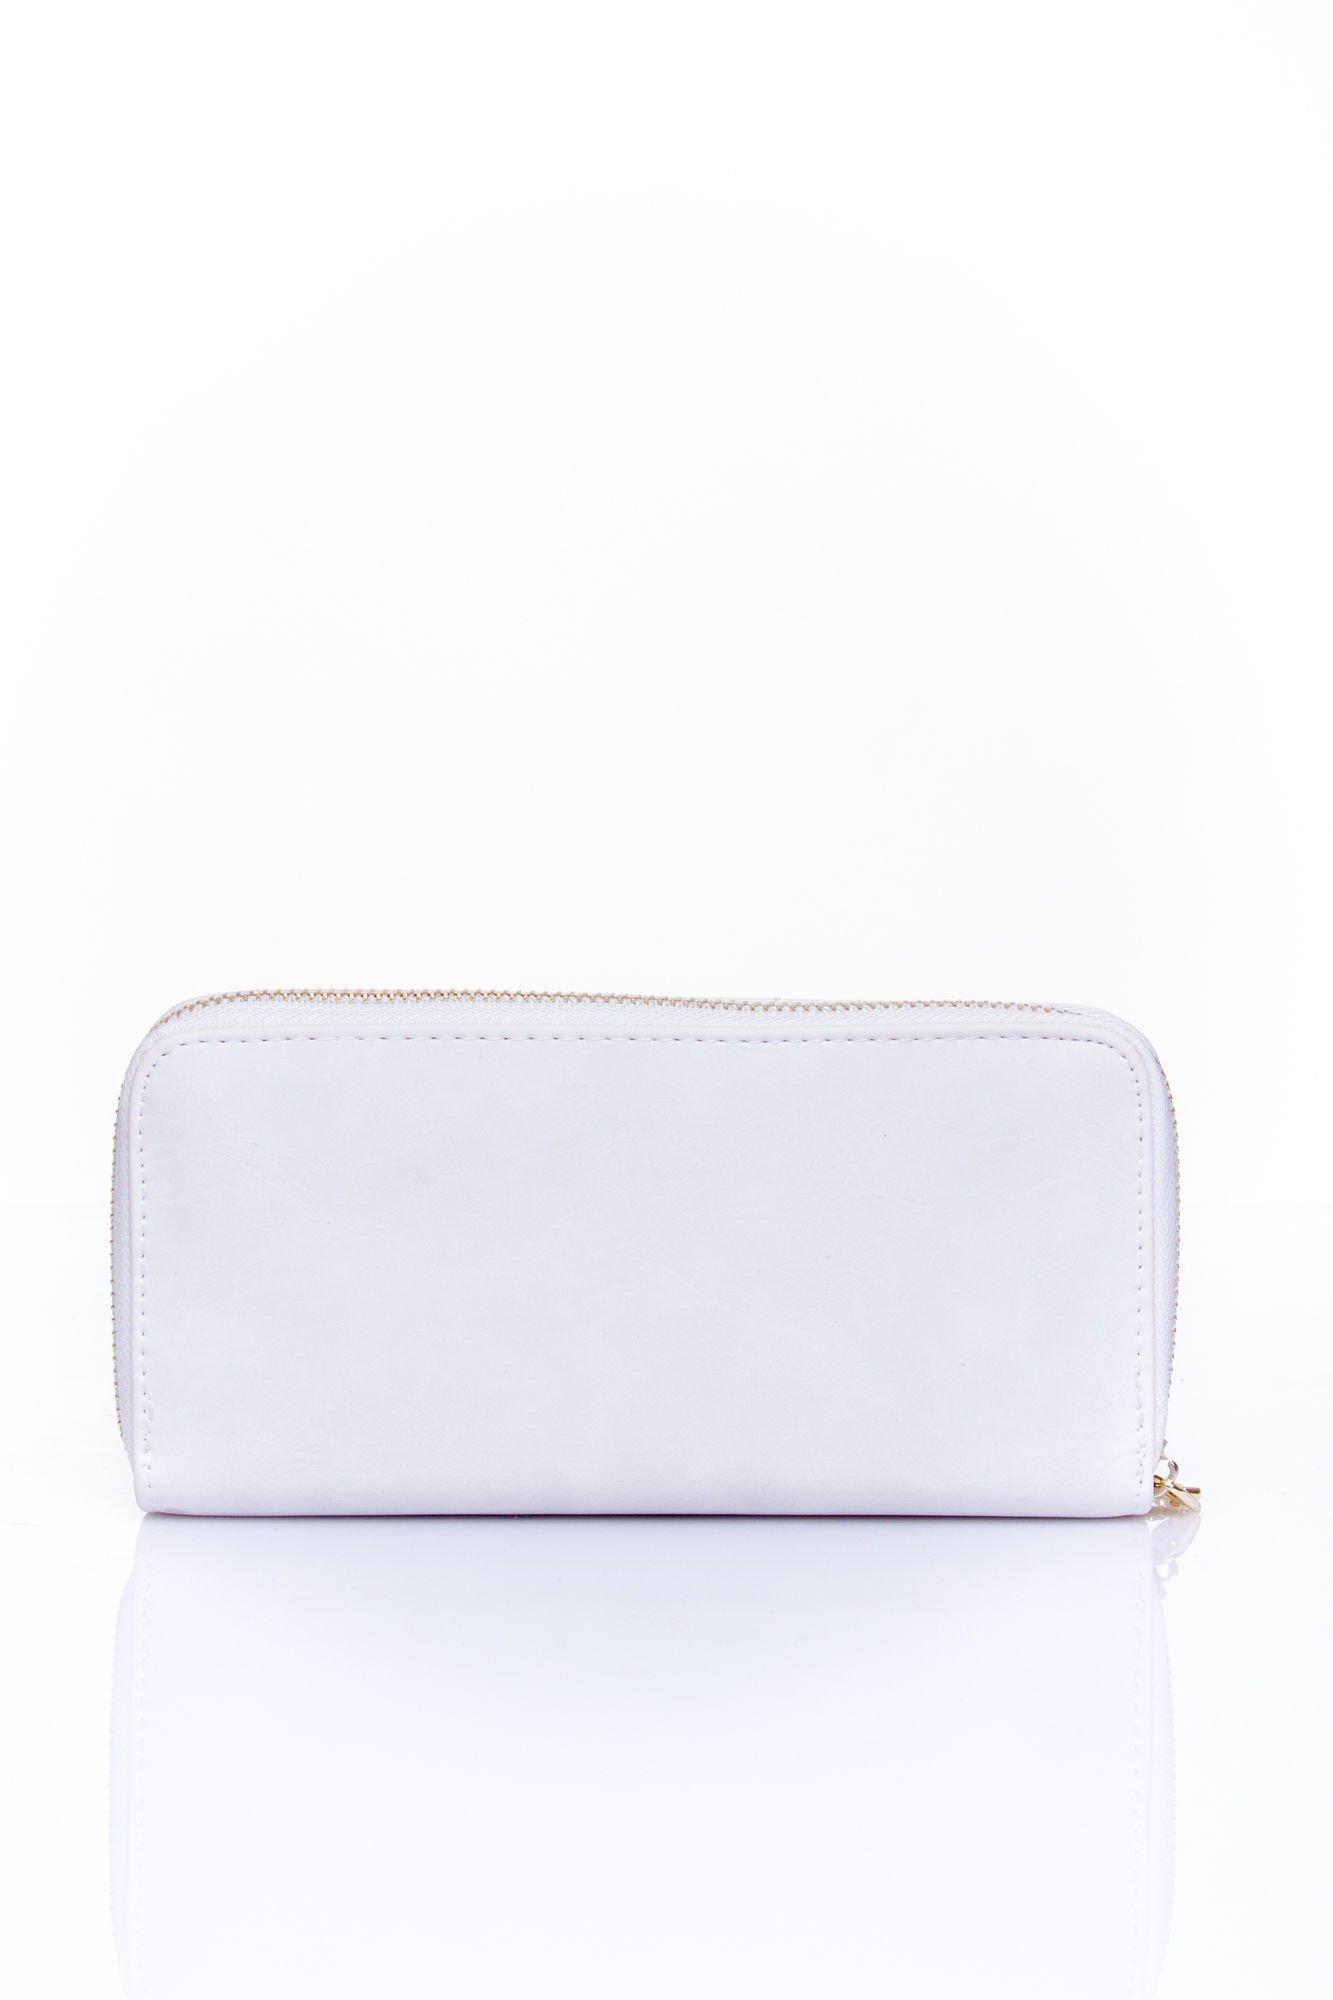 Biały portfel z kieszonką ze złotym elementem                                  zdj.                                  2